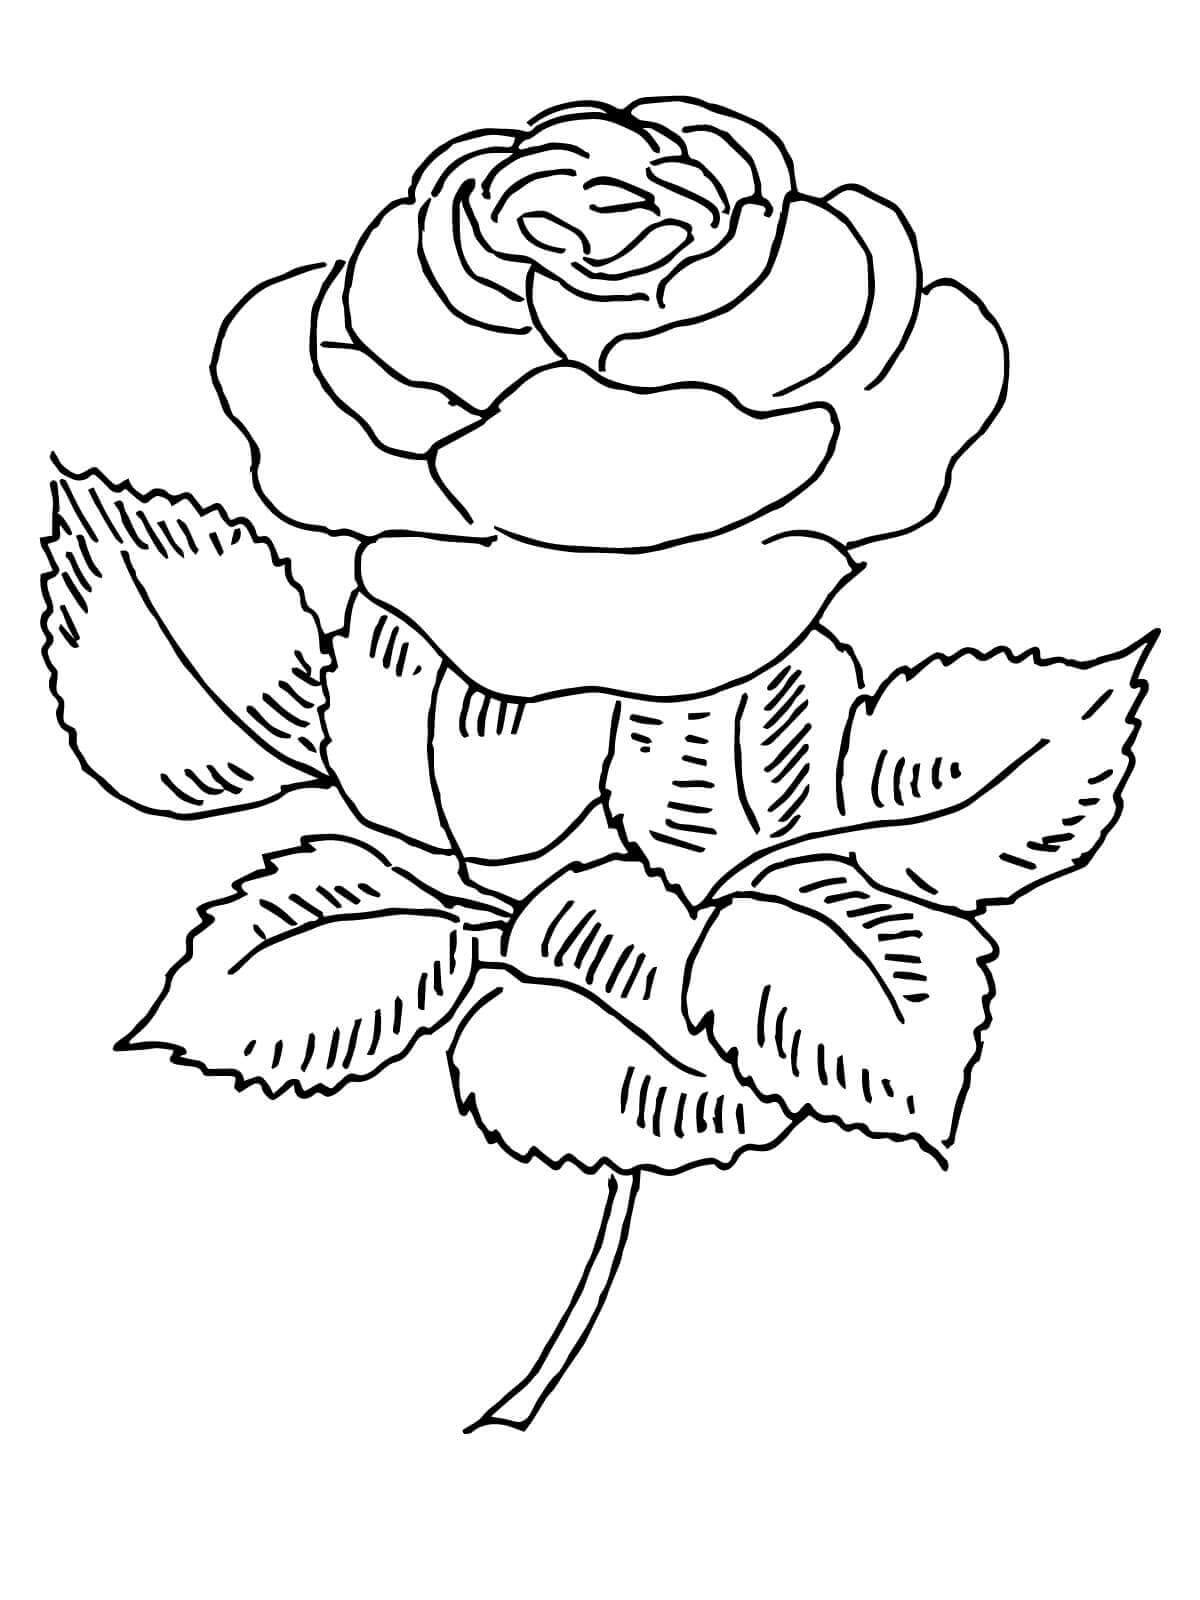 Tranh tô màu bông hoa hồng